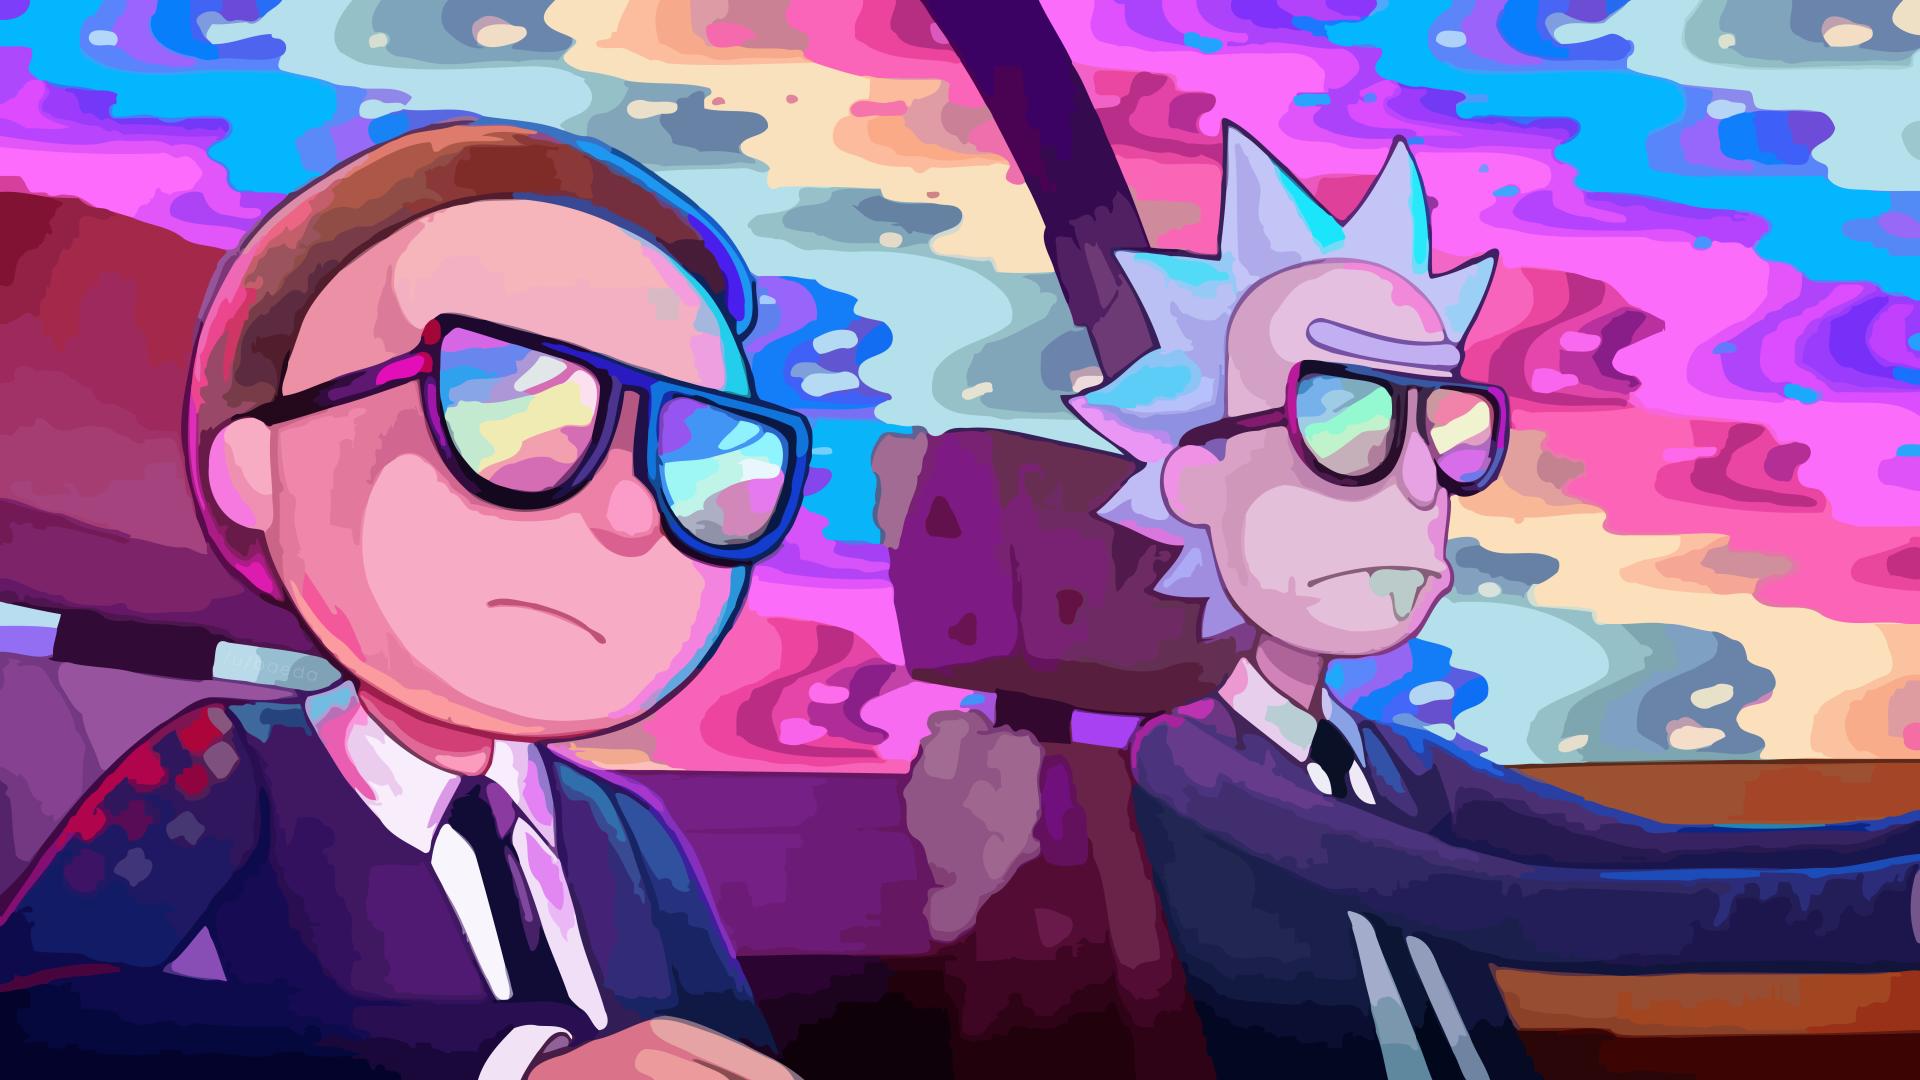 """La sexta temporada de """"Rick & Morty"""" ya está confirmada y en desarrollo"""